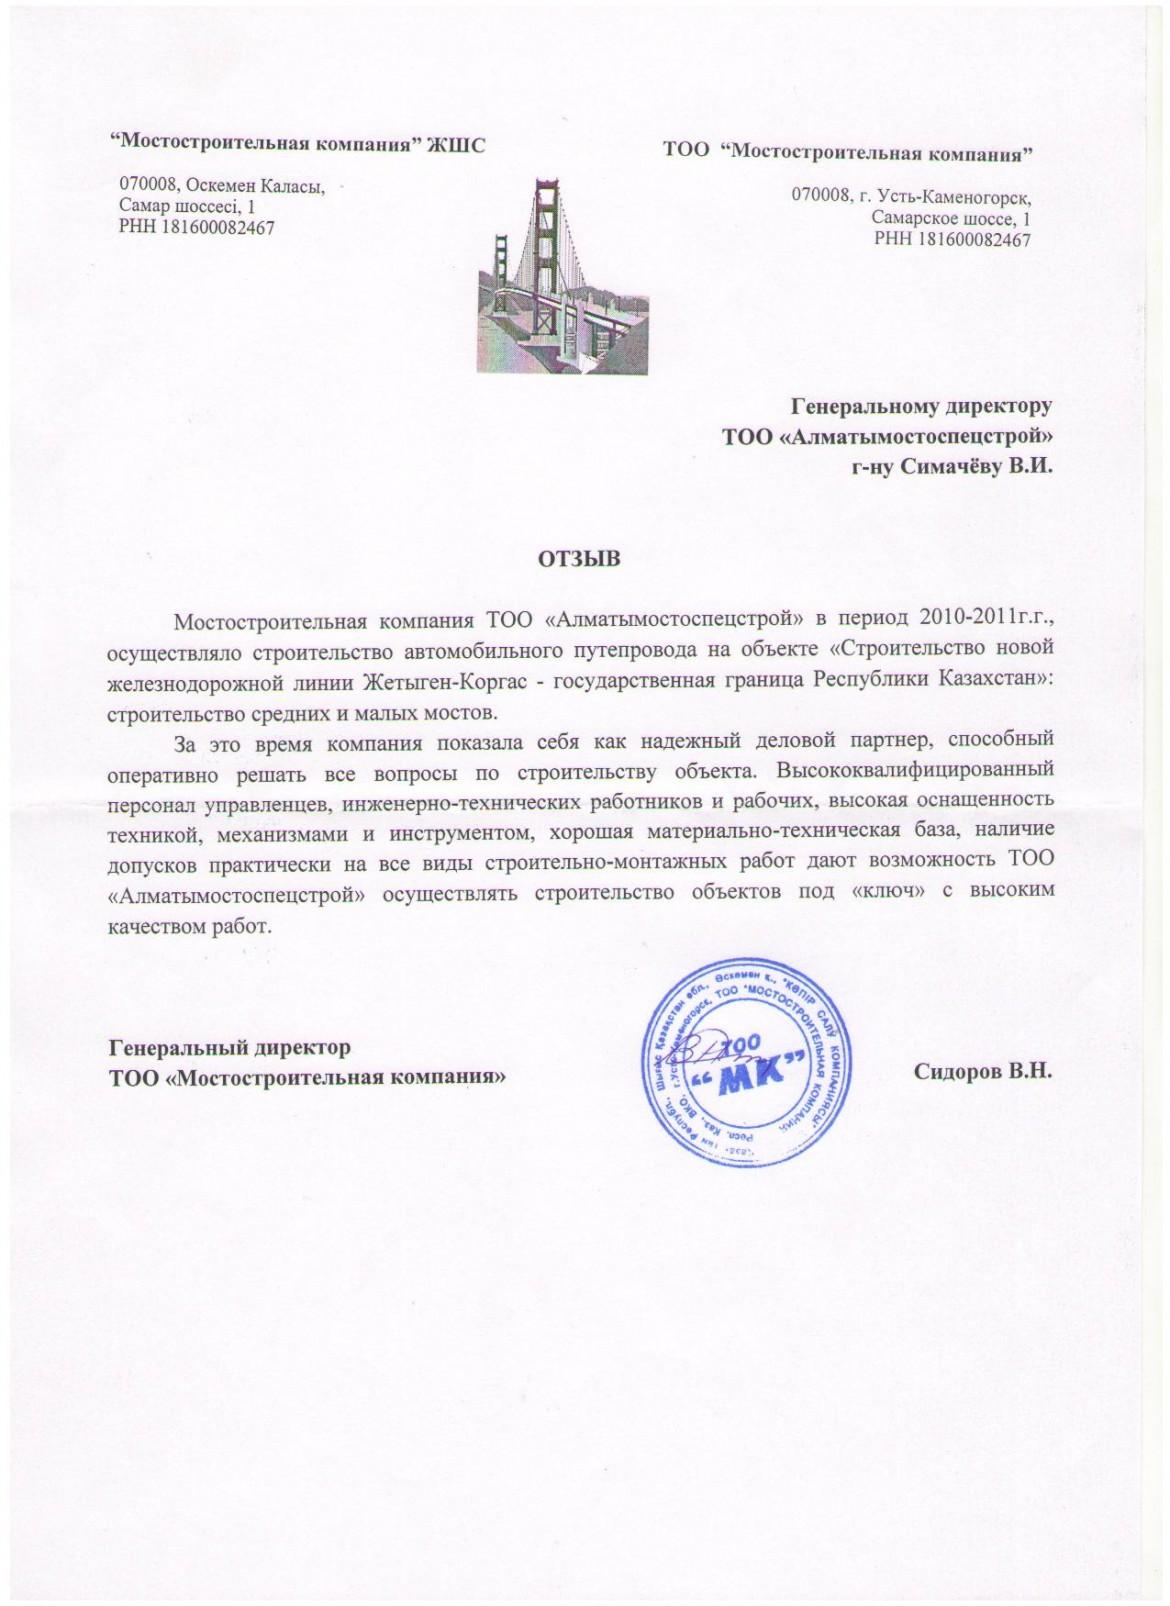 Отзыв Мостостроительная компания